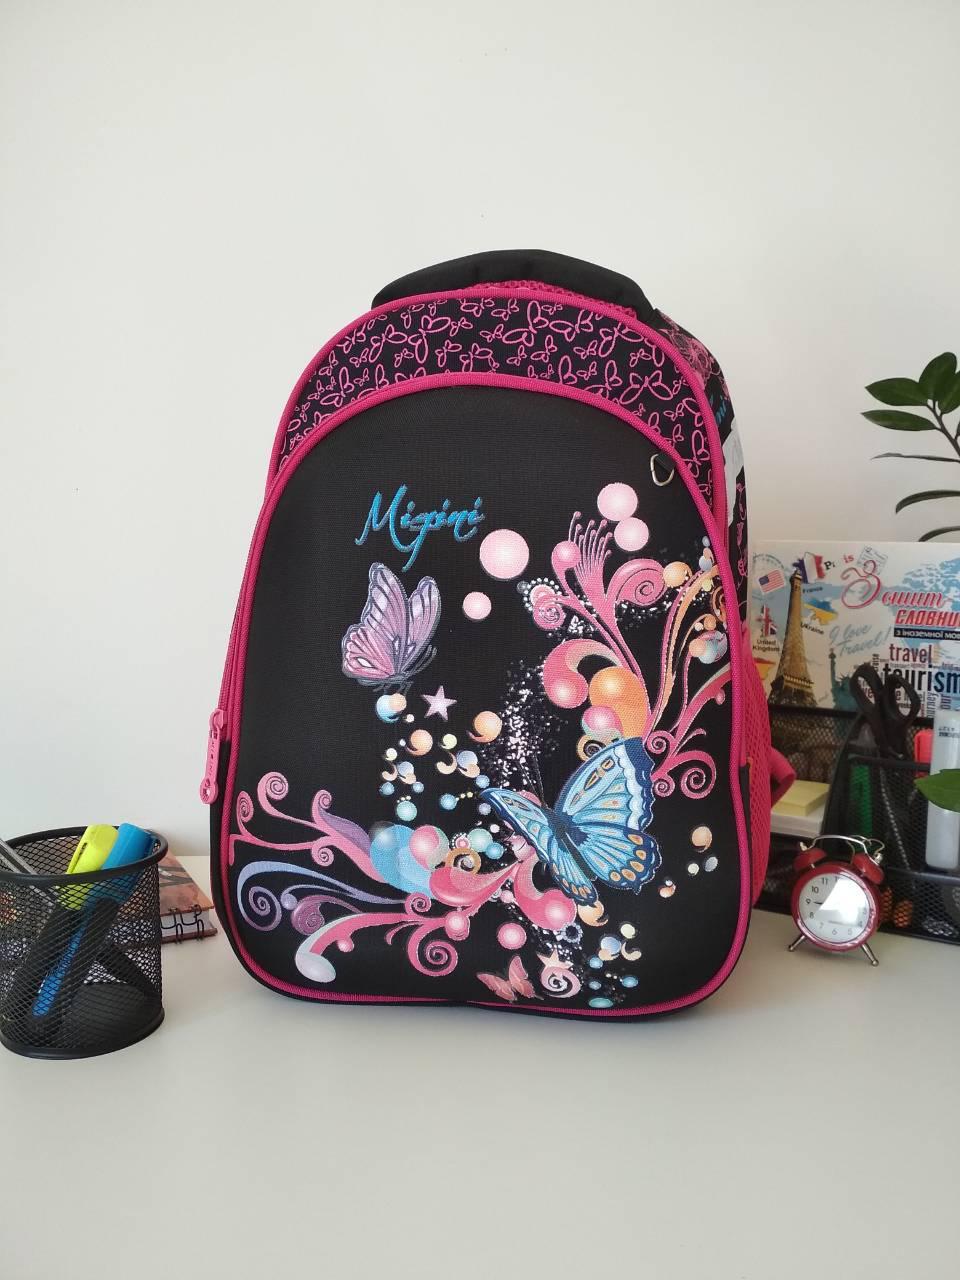 Стильный школьный рюкзак для девочек Migini принт Бабочки 39*29*16 см